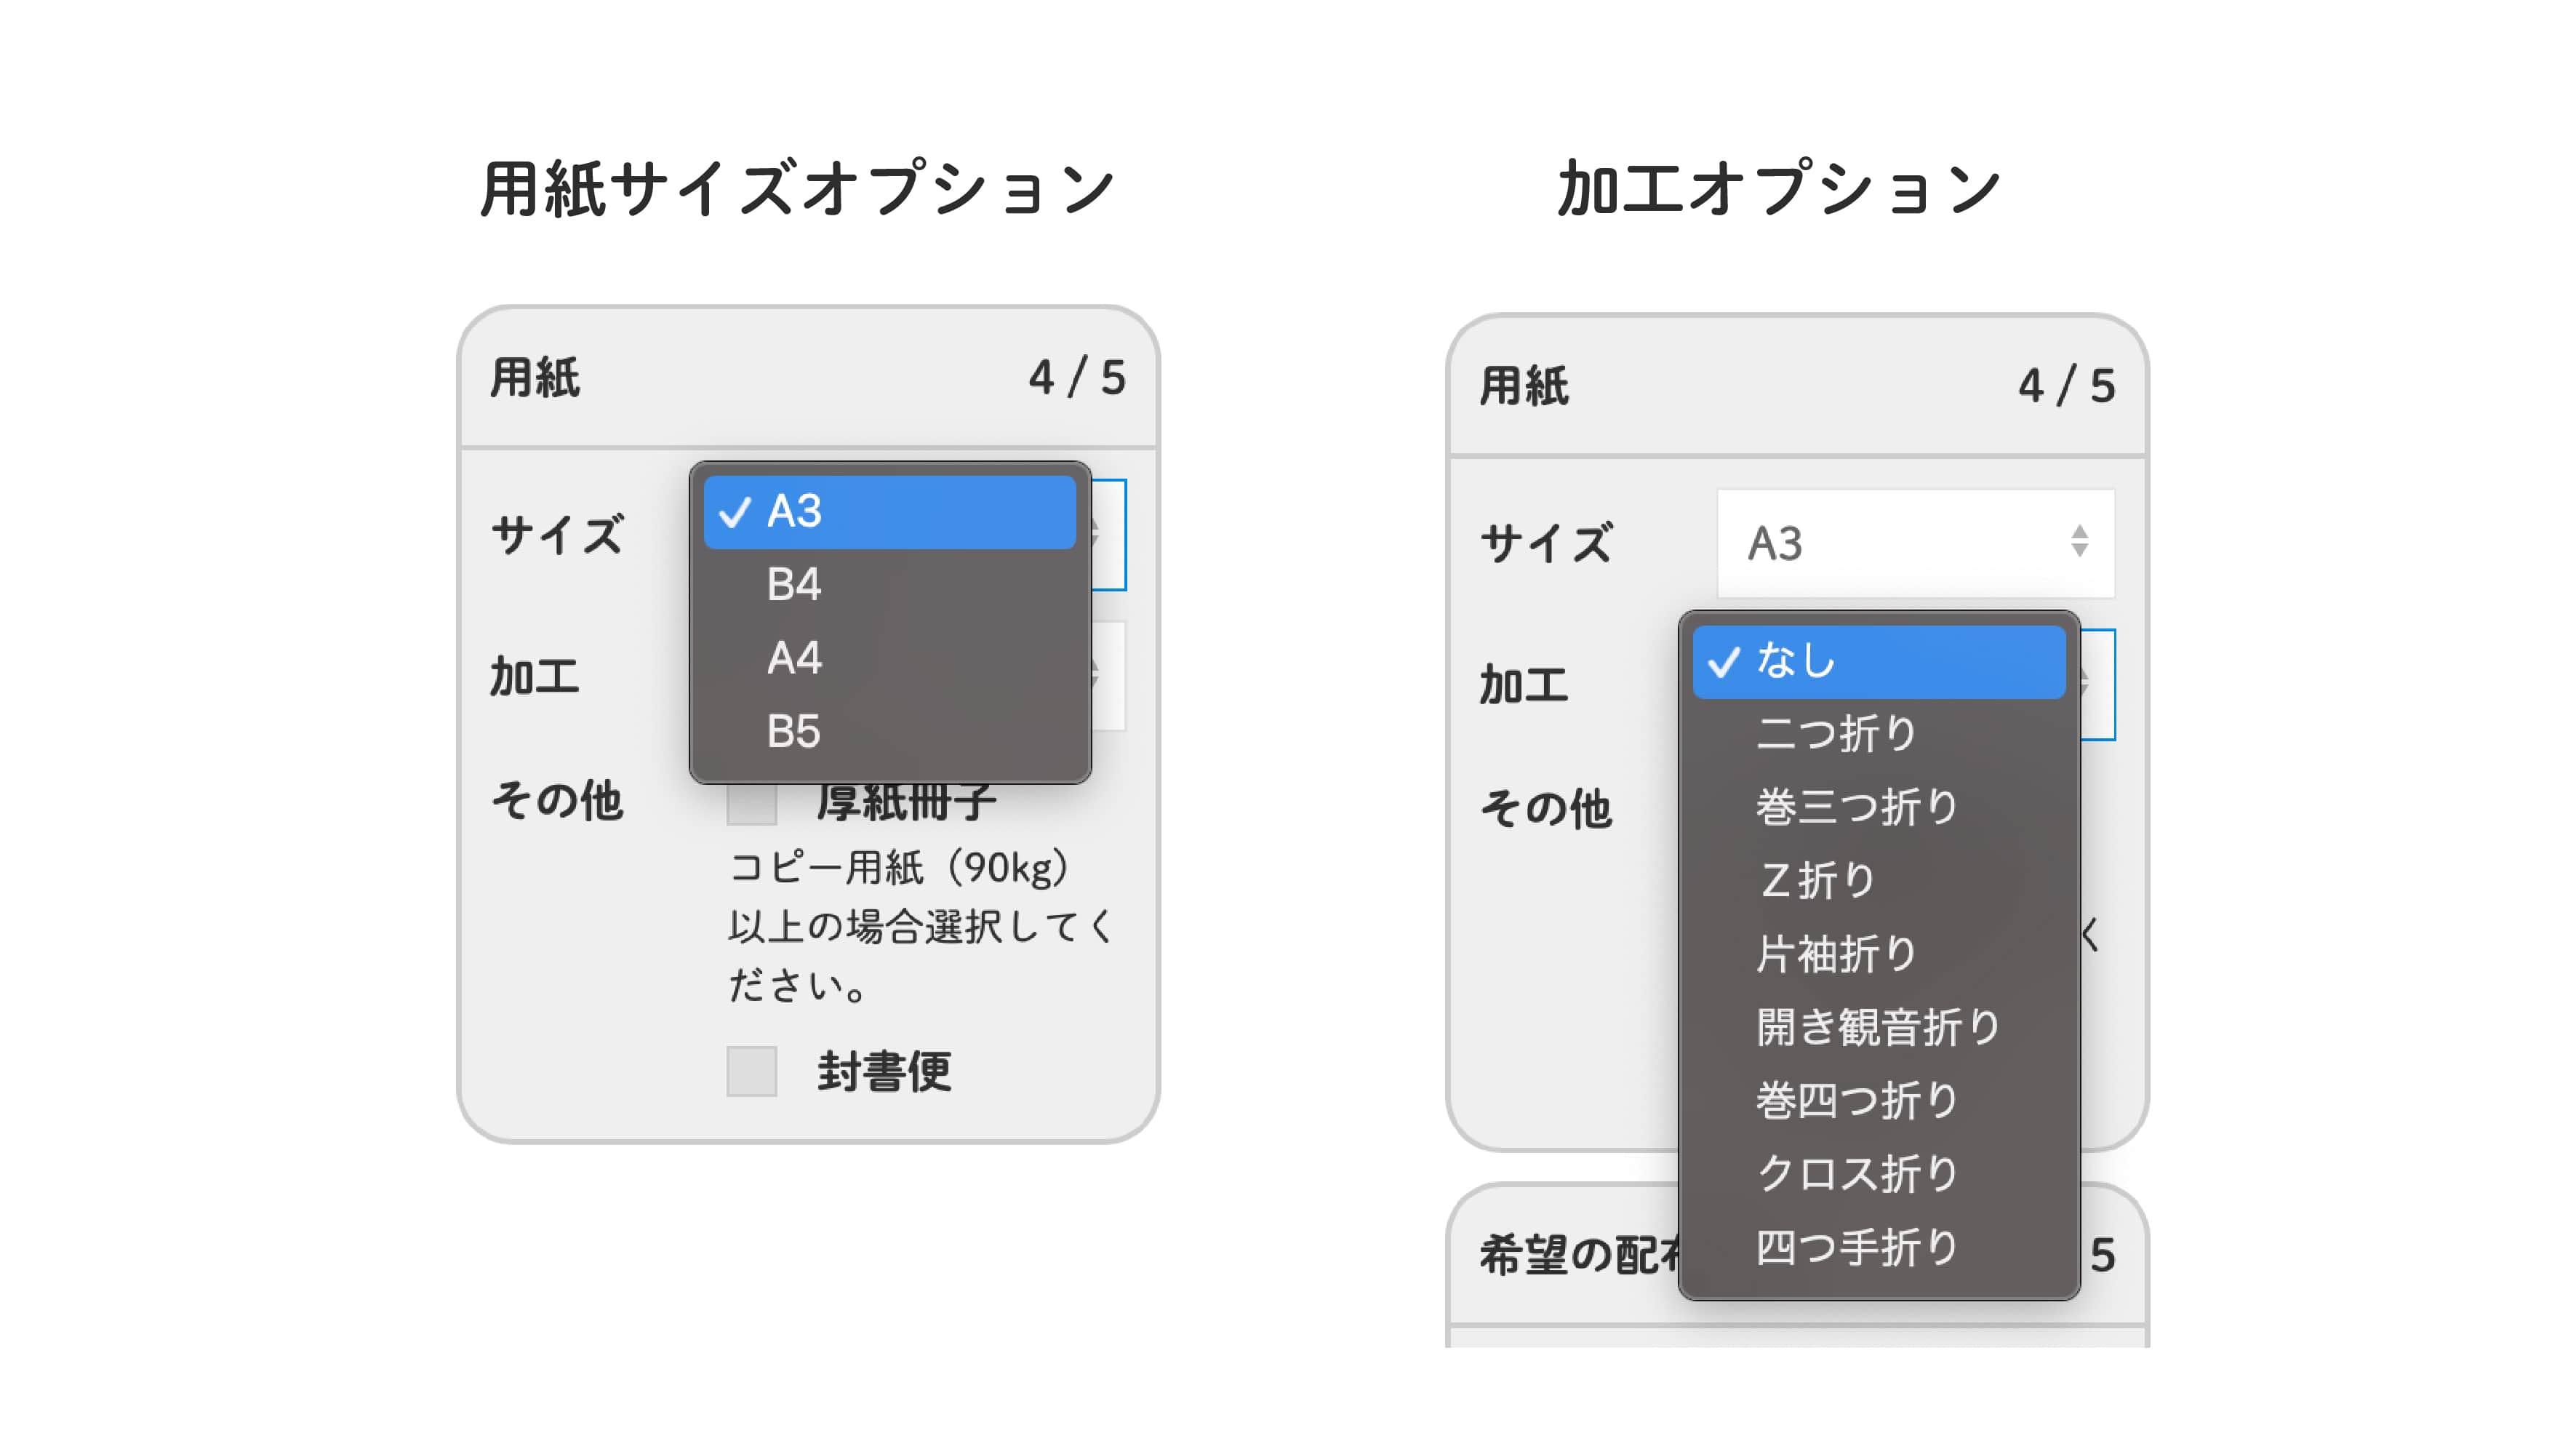 用紙サイズ・加工オプション選択ページ